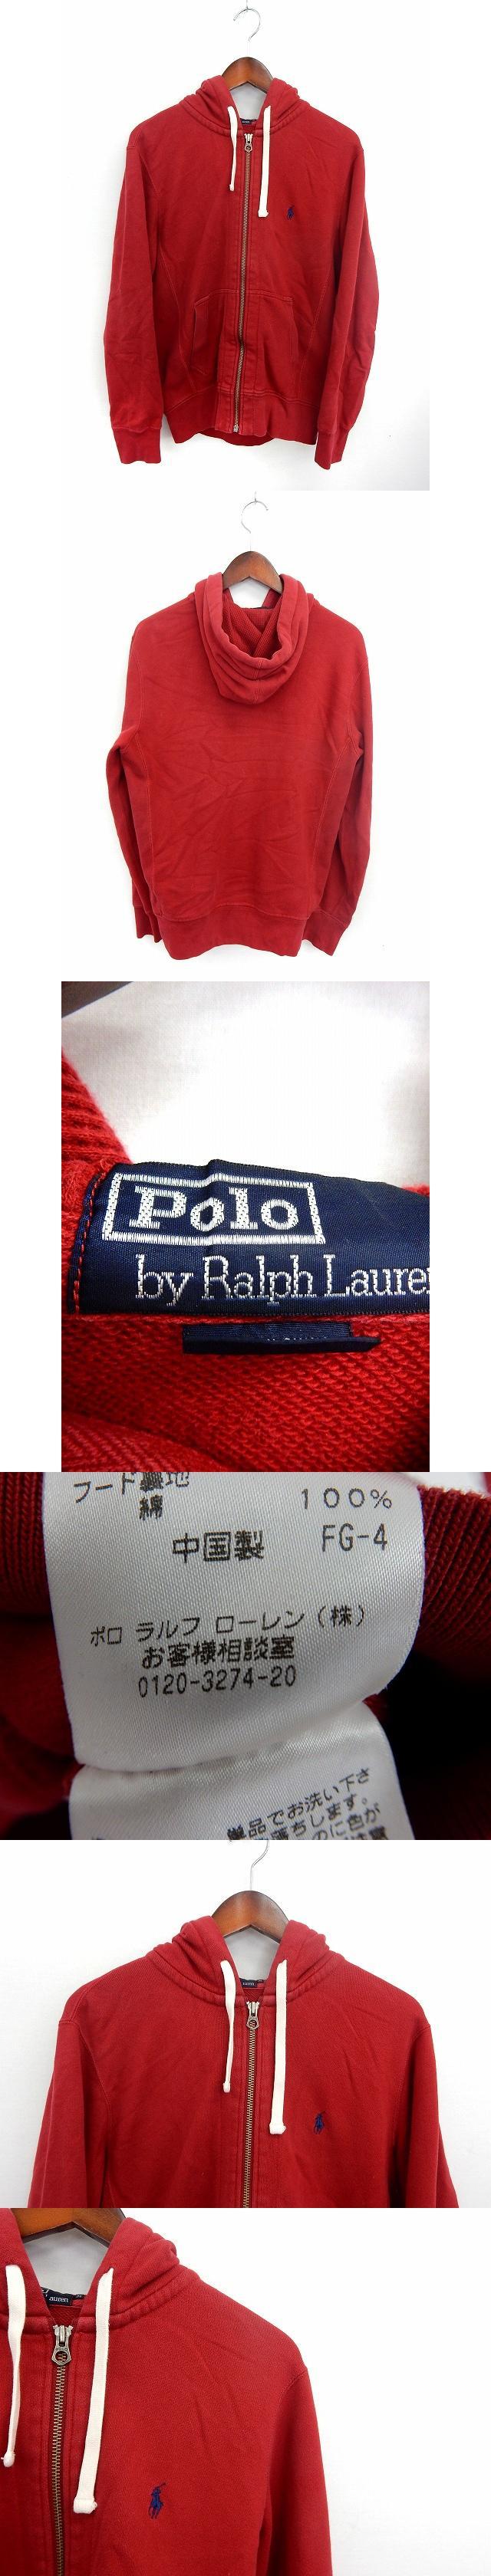 国内正規 パーカー ジップアップ 長袖 フード ポケット 綿 コットン M レッド /ST14